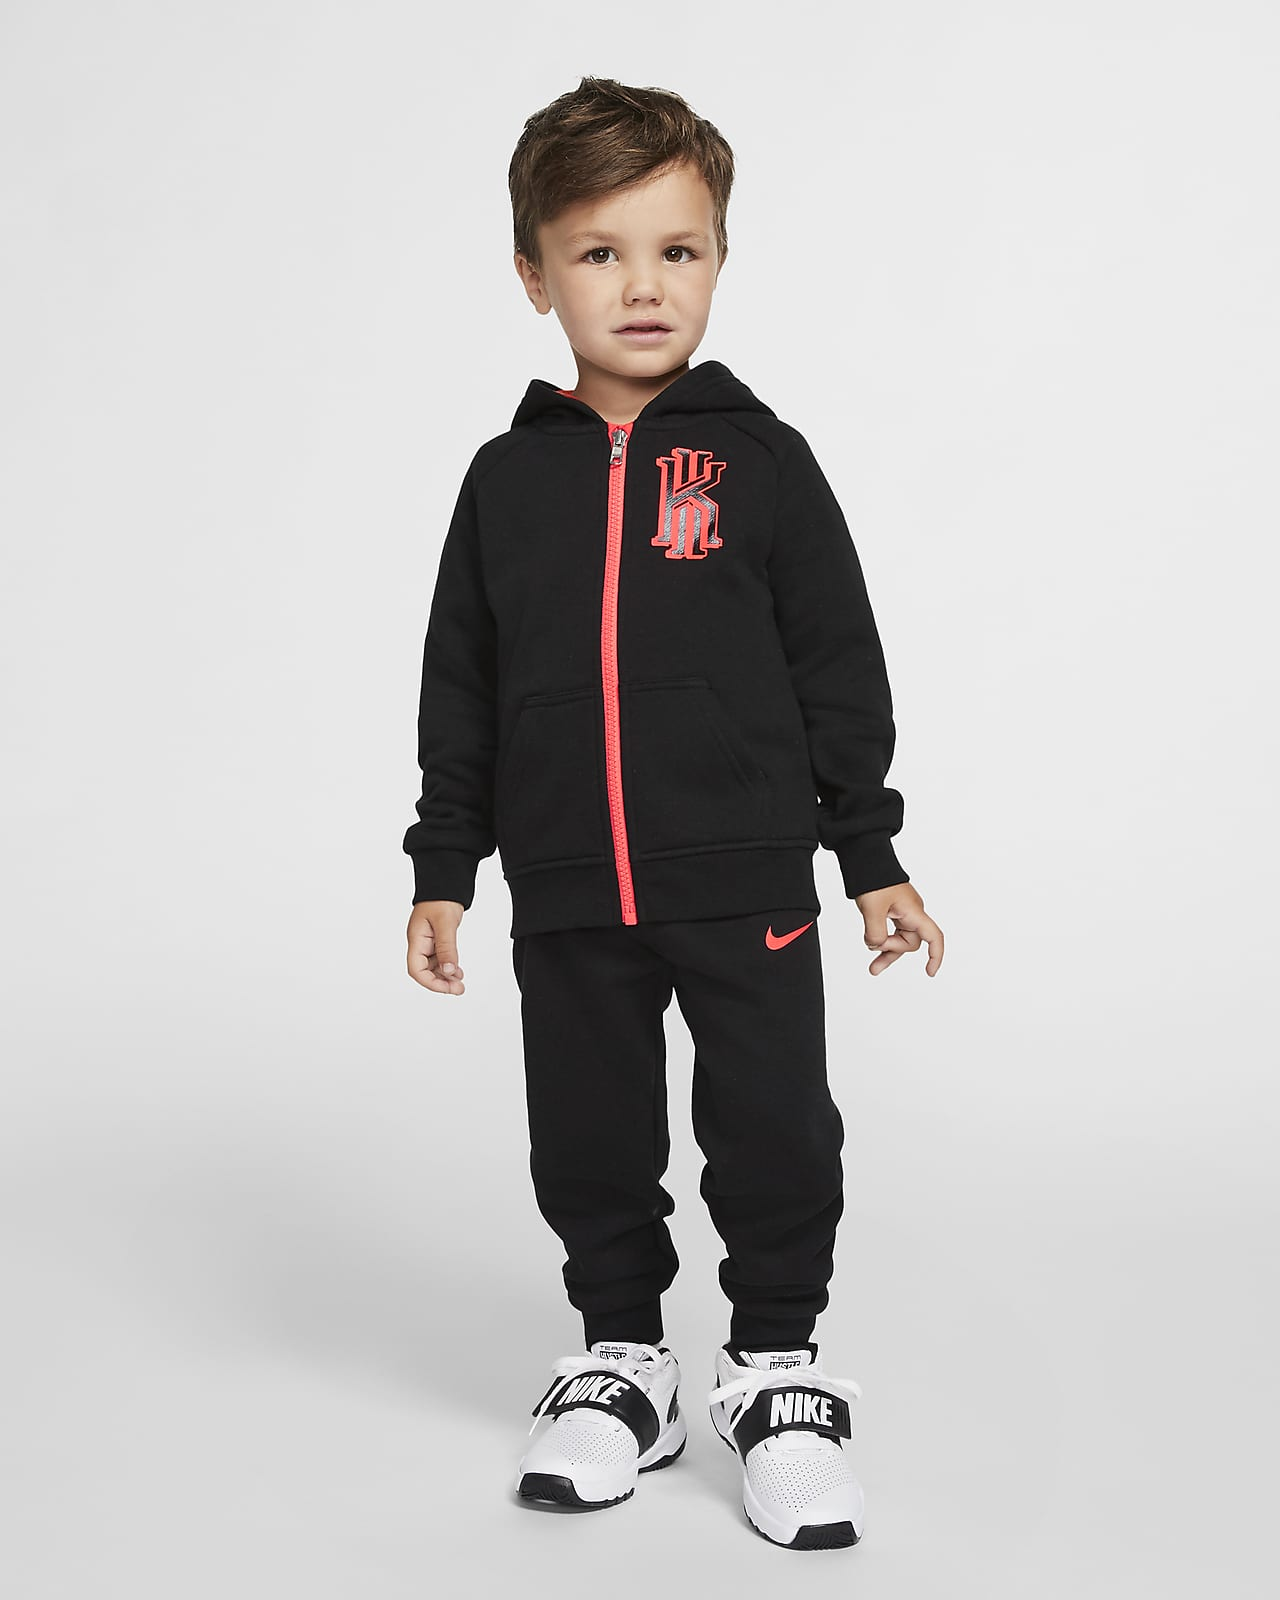 Kyrie-sæt med hættetrøje og joggingbukser til småbørn